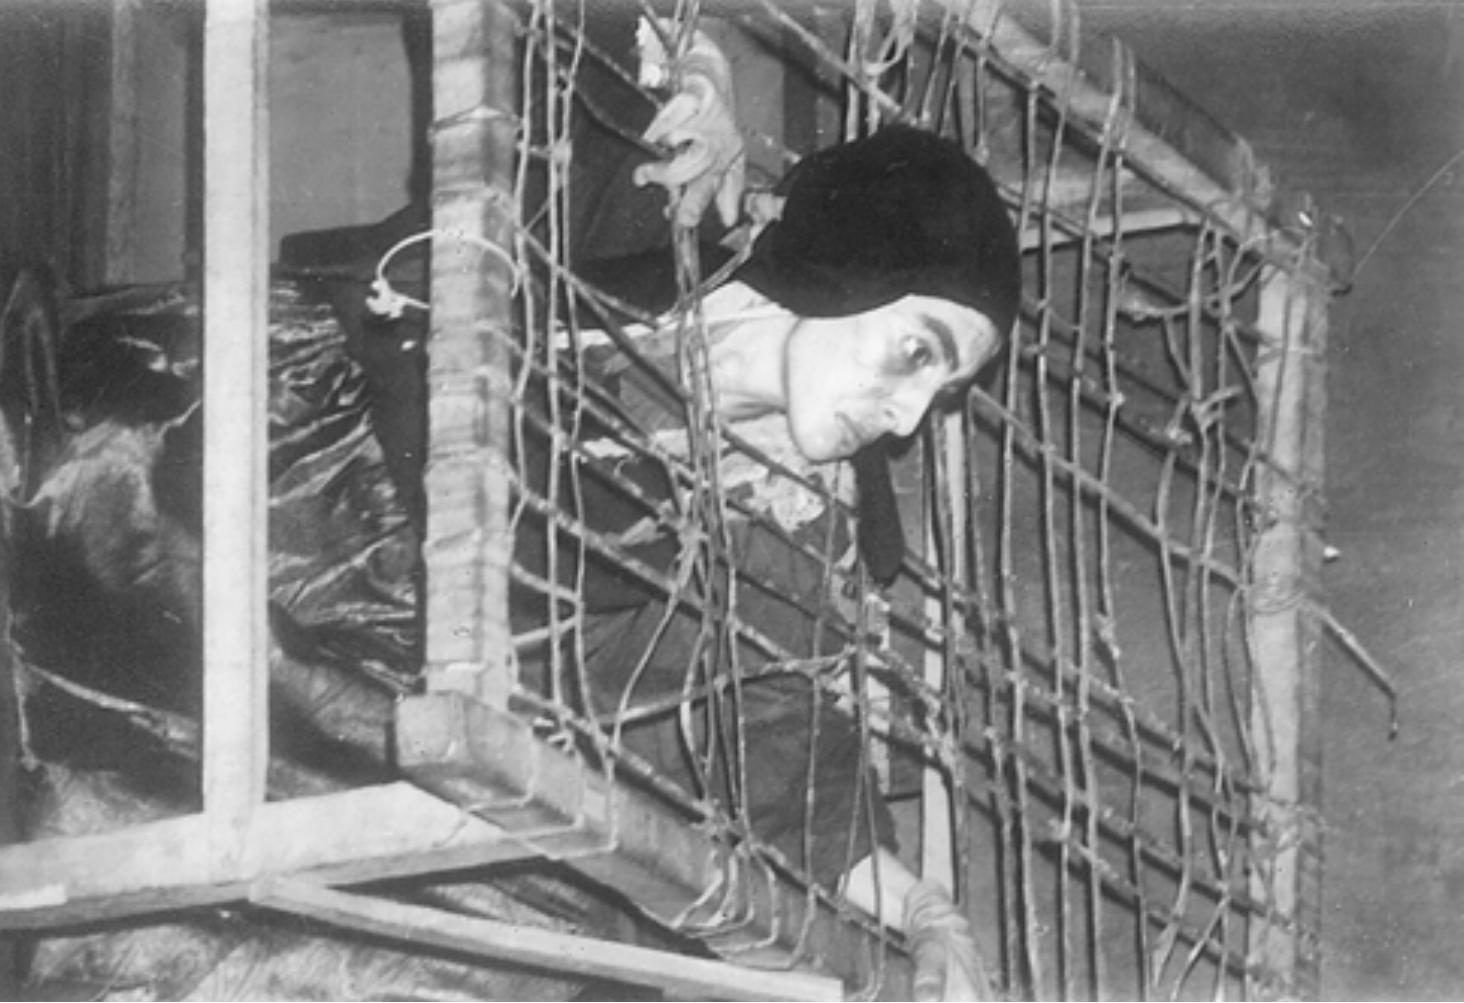 Yiya Gunsett en Noche de pesca, de Bertolt Brecht. Alegoría a la censura y la persecución